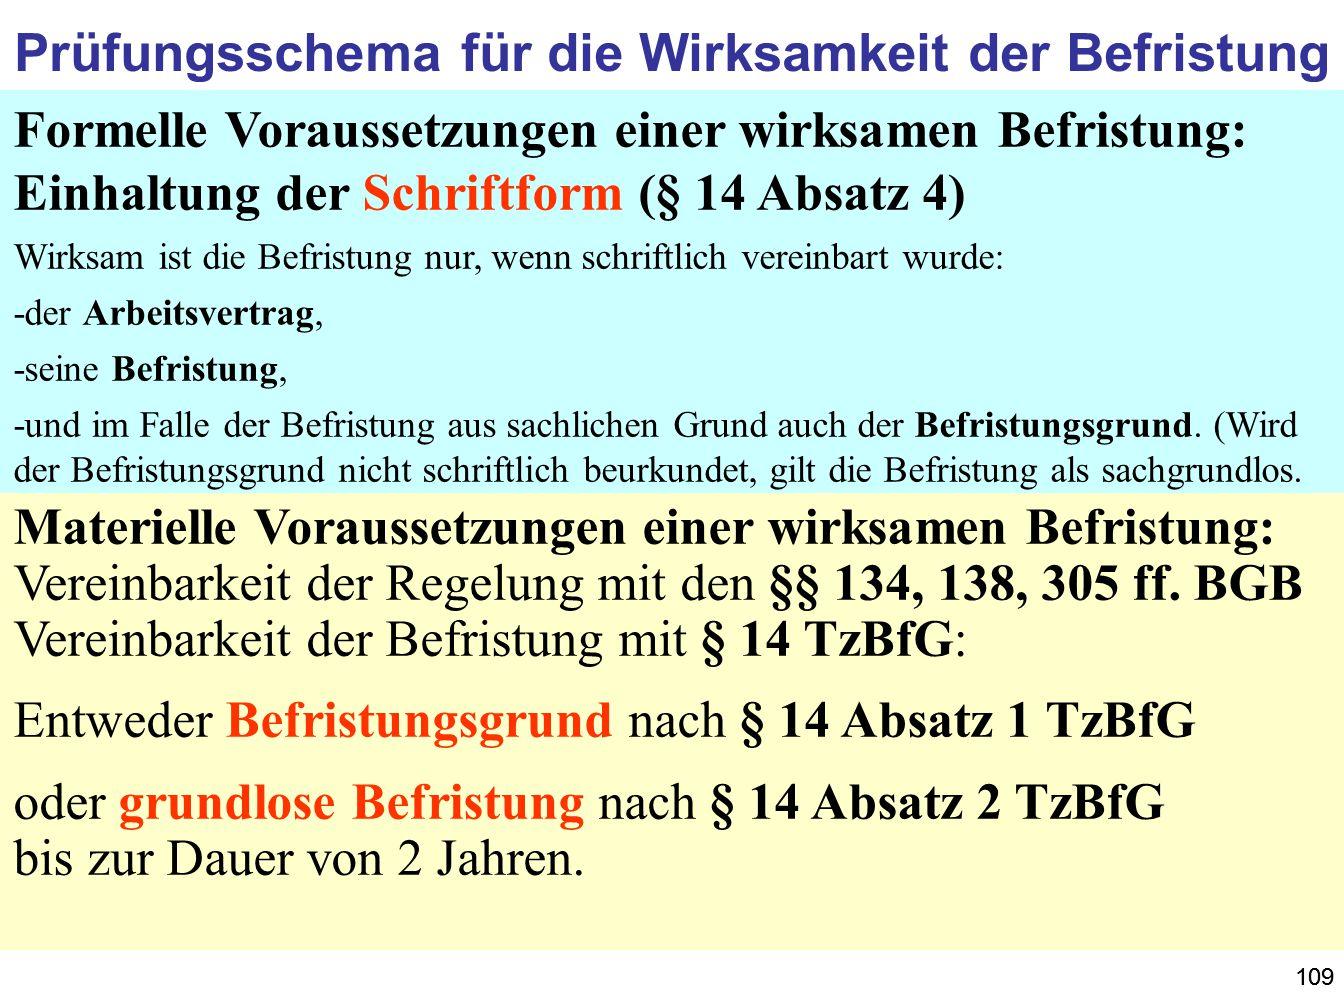 109 Prüfungsschema für die Wirksamkeit der Befristung Formelle Voraussetzungen einer wirksamen Befristung: Einhaltung der Schriftform (§ 14 Absatz 4)